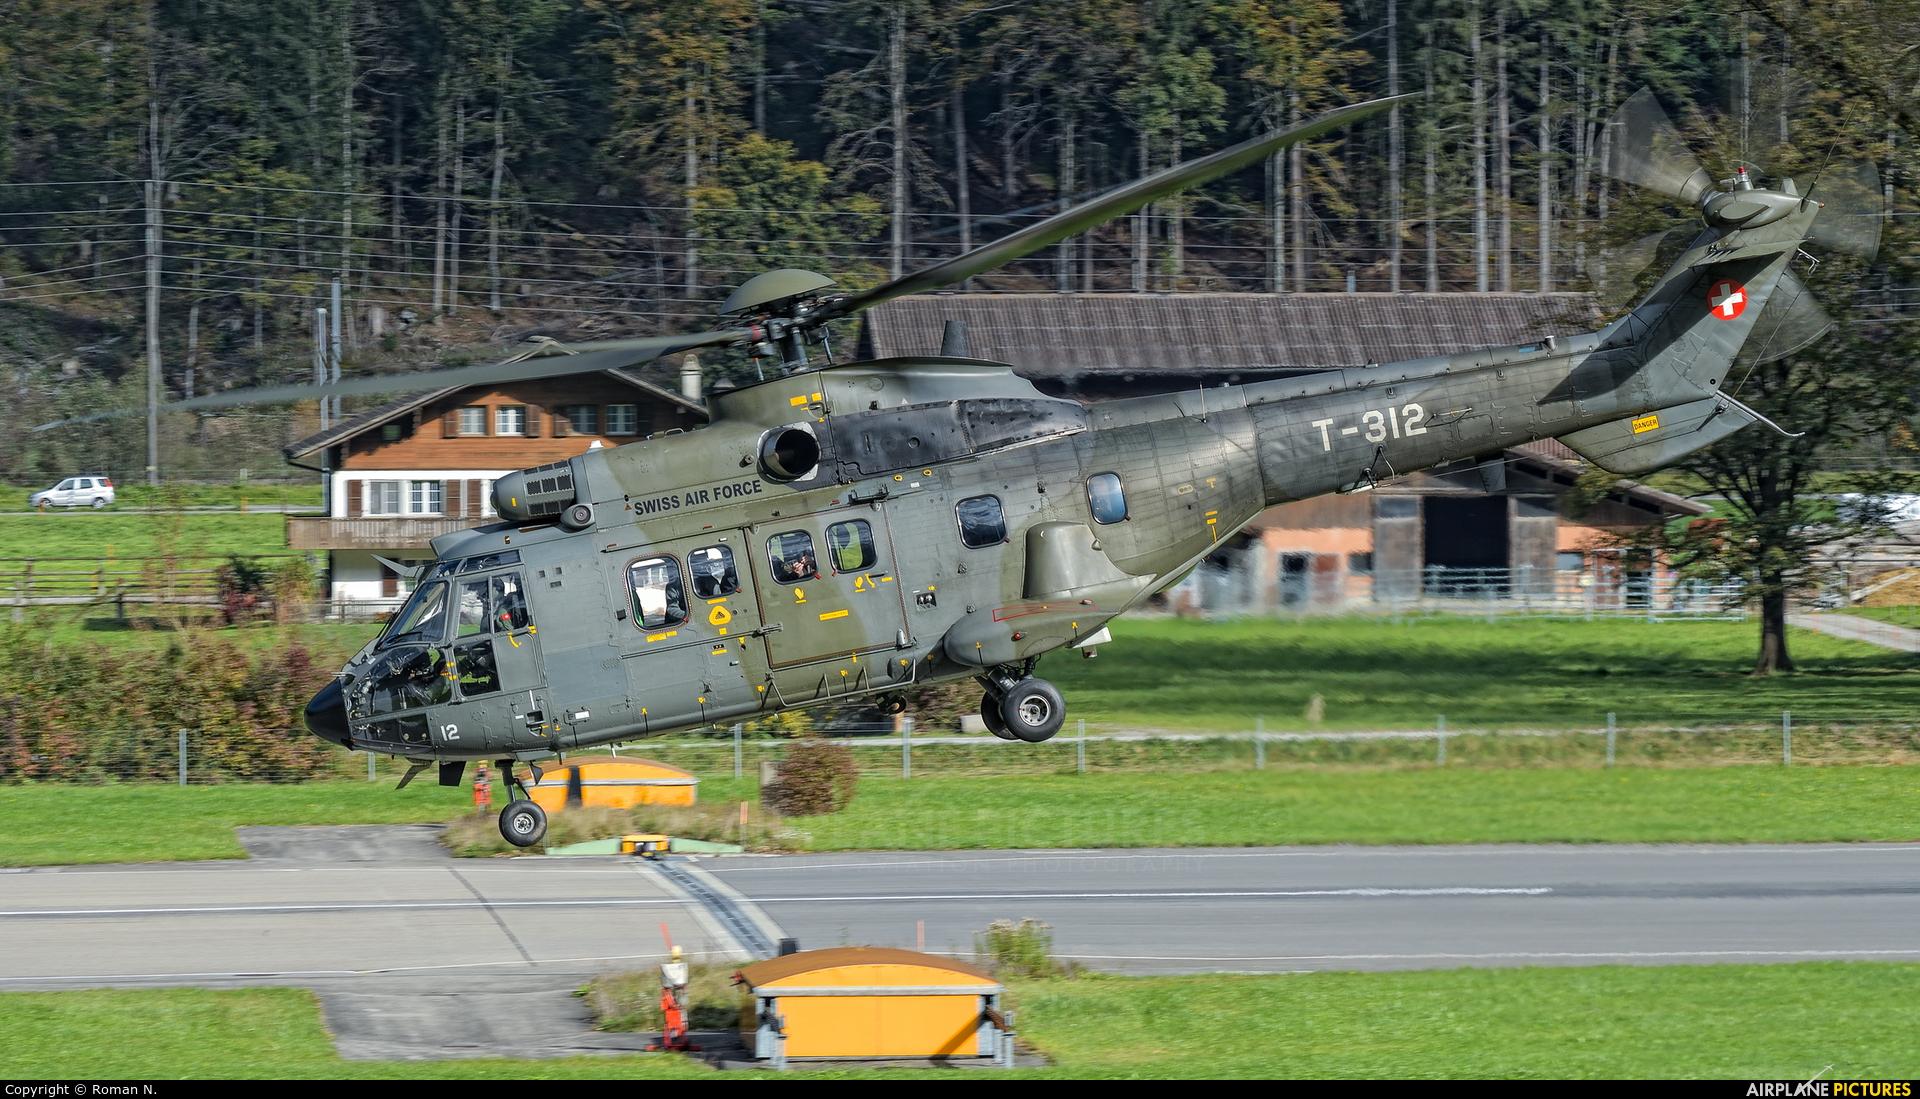 Switzerland - Air Force T-312 aircraft at Meiringen